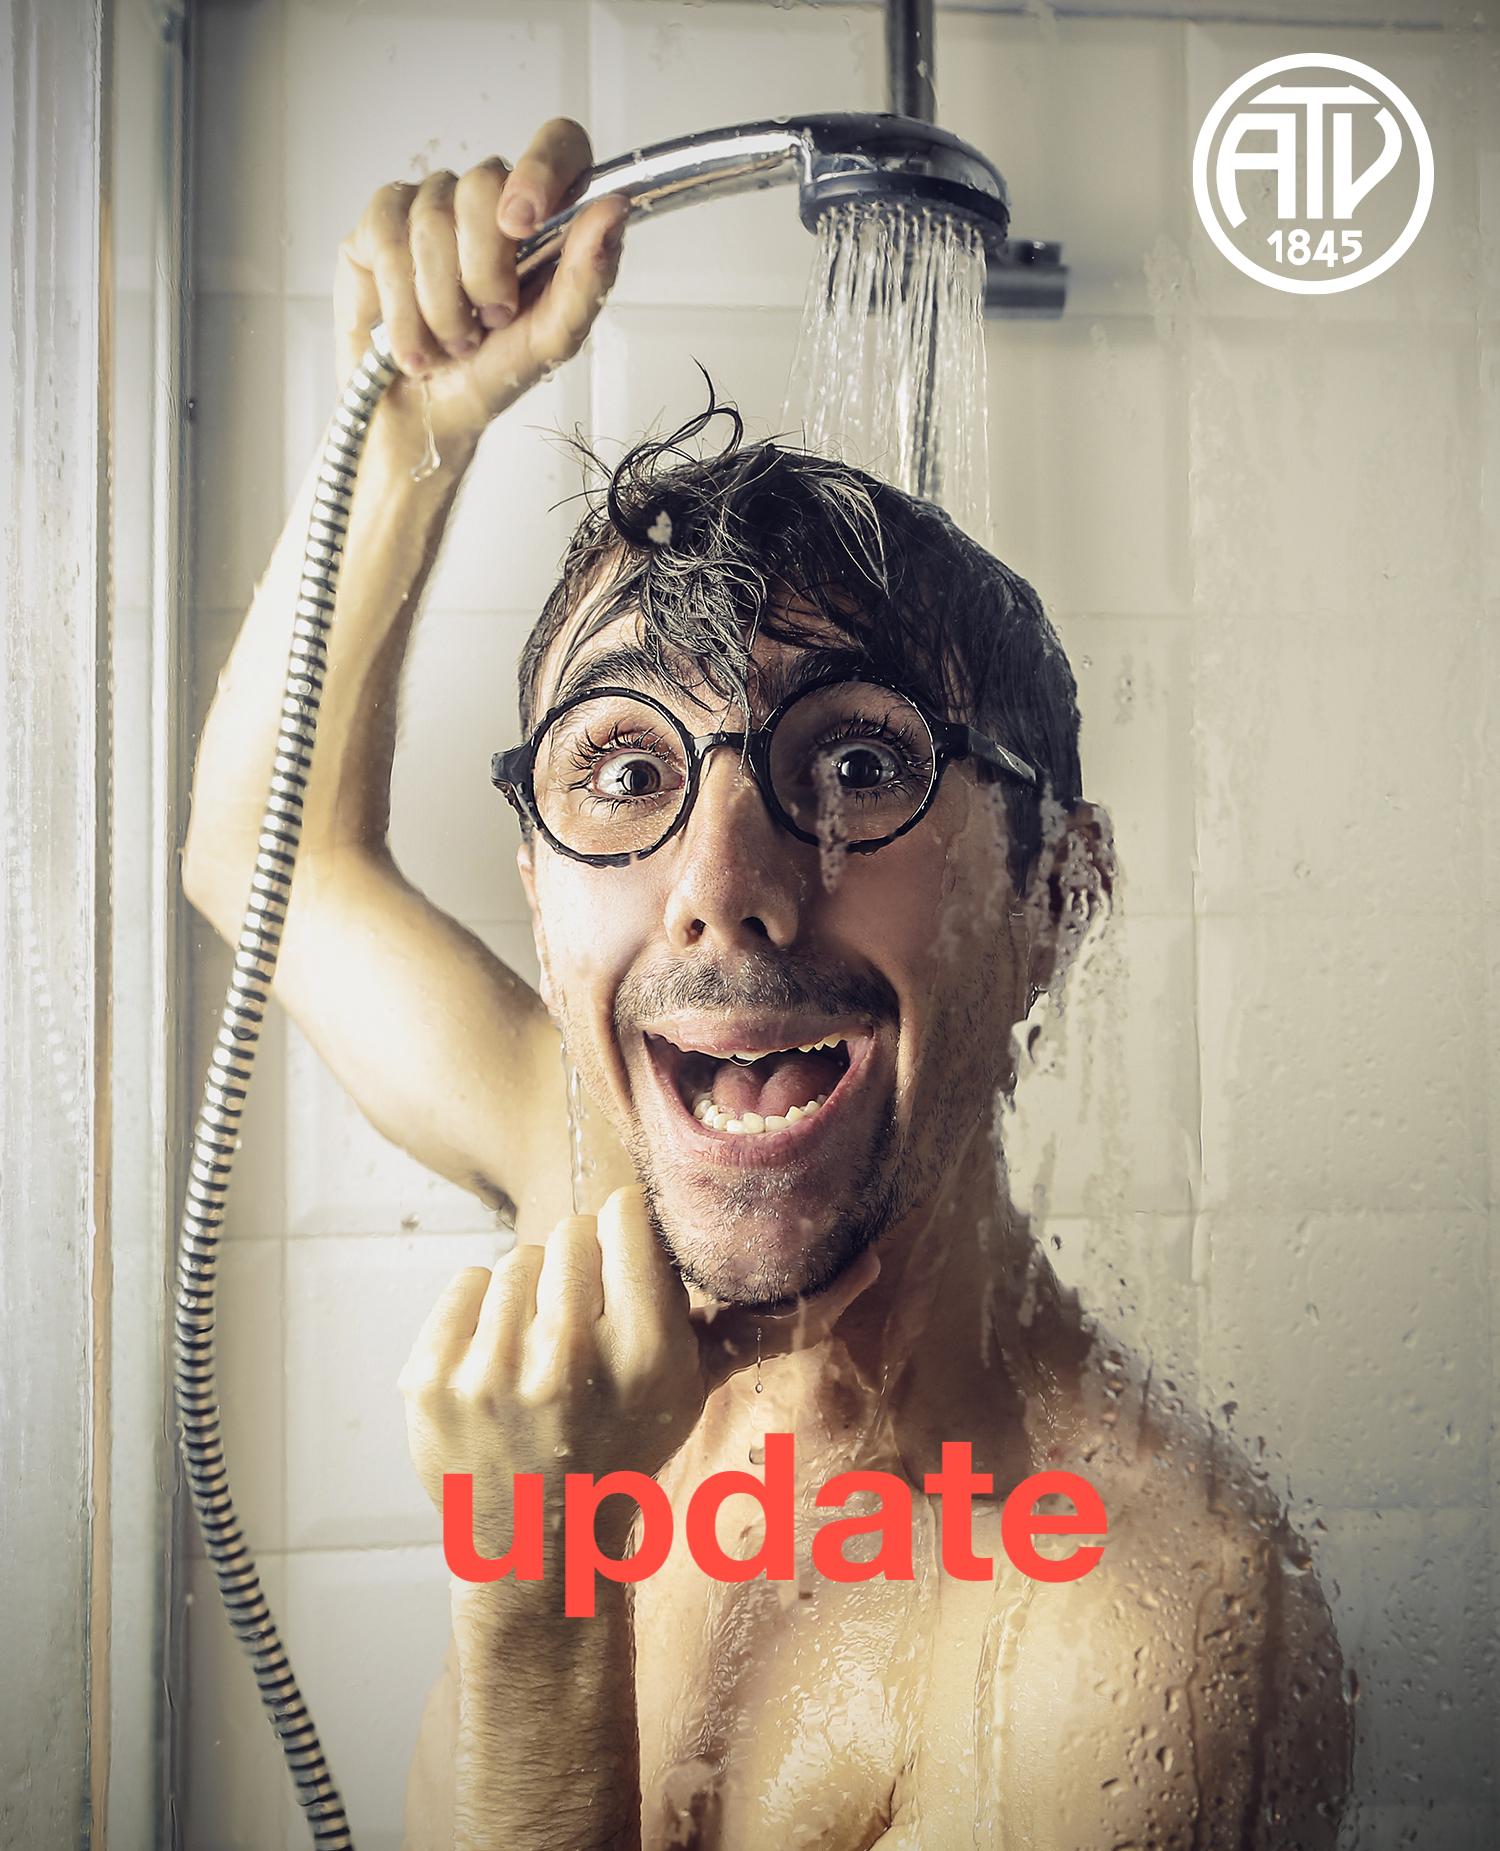 UPDATE ZUM BAUFORTSCHRITT:   Liebe Mitglieder, leider müssen wir Euch mitteilen, dass die neuen Duschen und Umkleiden nicht im Laufe des August 2019 fertig gestellt werden können.  Der Grund: Akuter Personalmangel in der Baubranche, vor der auch wir uns, trotz unserer soliden und guten Geschäftsbeziehungen, nicht schützen können. Selbstverständlich üben wir den nötigen Druck auf die Firmen aus, jedoch müssen wir auch den kooperativen Stil waren, um überhaupt ein zeitnahes Ergebnis zu erhalten. Die Duschen und Umkleiden werden nun voraussichtlich im  Oktober 2019  fertig gestellt werden können. Auch die Fertigstellung der neuen Spinde mit RFID-Schlössern verzögert sich, so dass wir vorerst noch einmal die alten Spinde, für ein paar Wochen, aufstellen müssen.  Wir bitten dies zu entschuldigen. Die Auswirkungen der vollen Auftragsbücher in den Firmen und der Industrie sind auch bei uns deutlich spürbar und ziehen leider solche zeitlichen Verzögerungen nach sich. Bei weiteren Fragen oder Rückmeldungen melden Sie sich gerne bei unserem zuständigen Architekten: 040 39 02 502  - Euer ATV-Team -